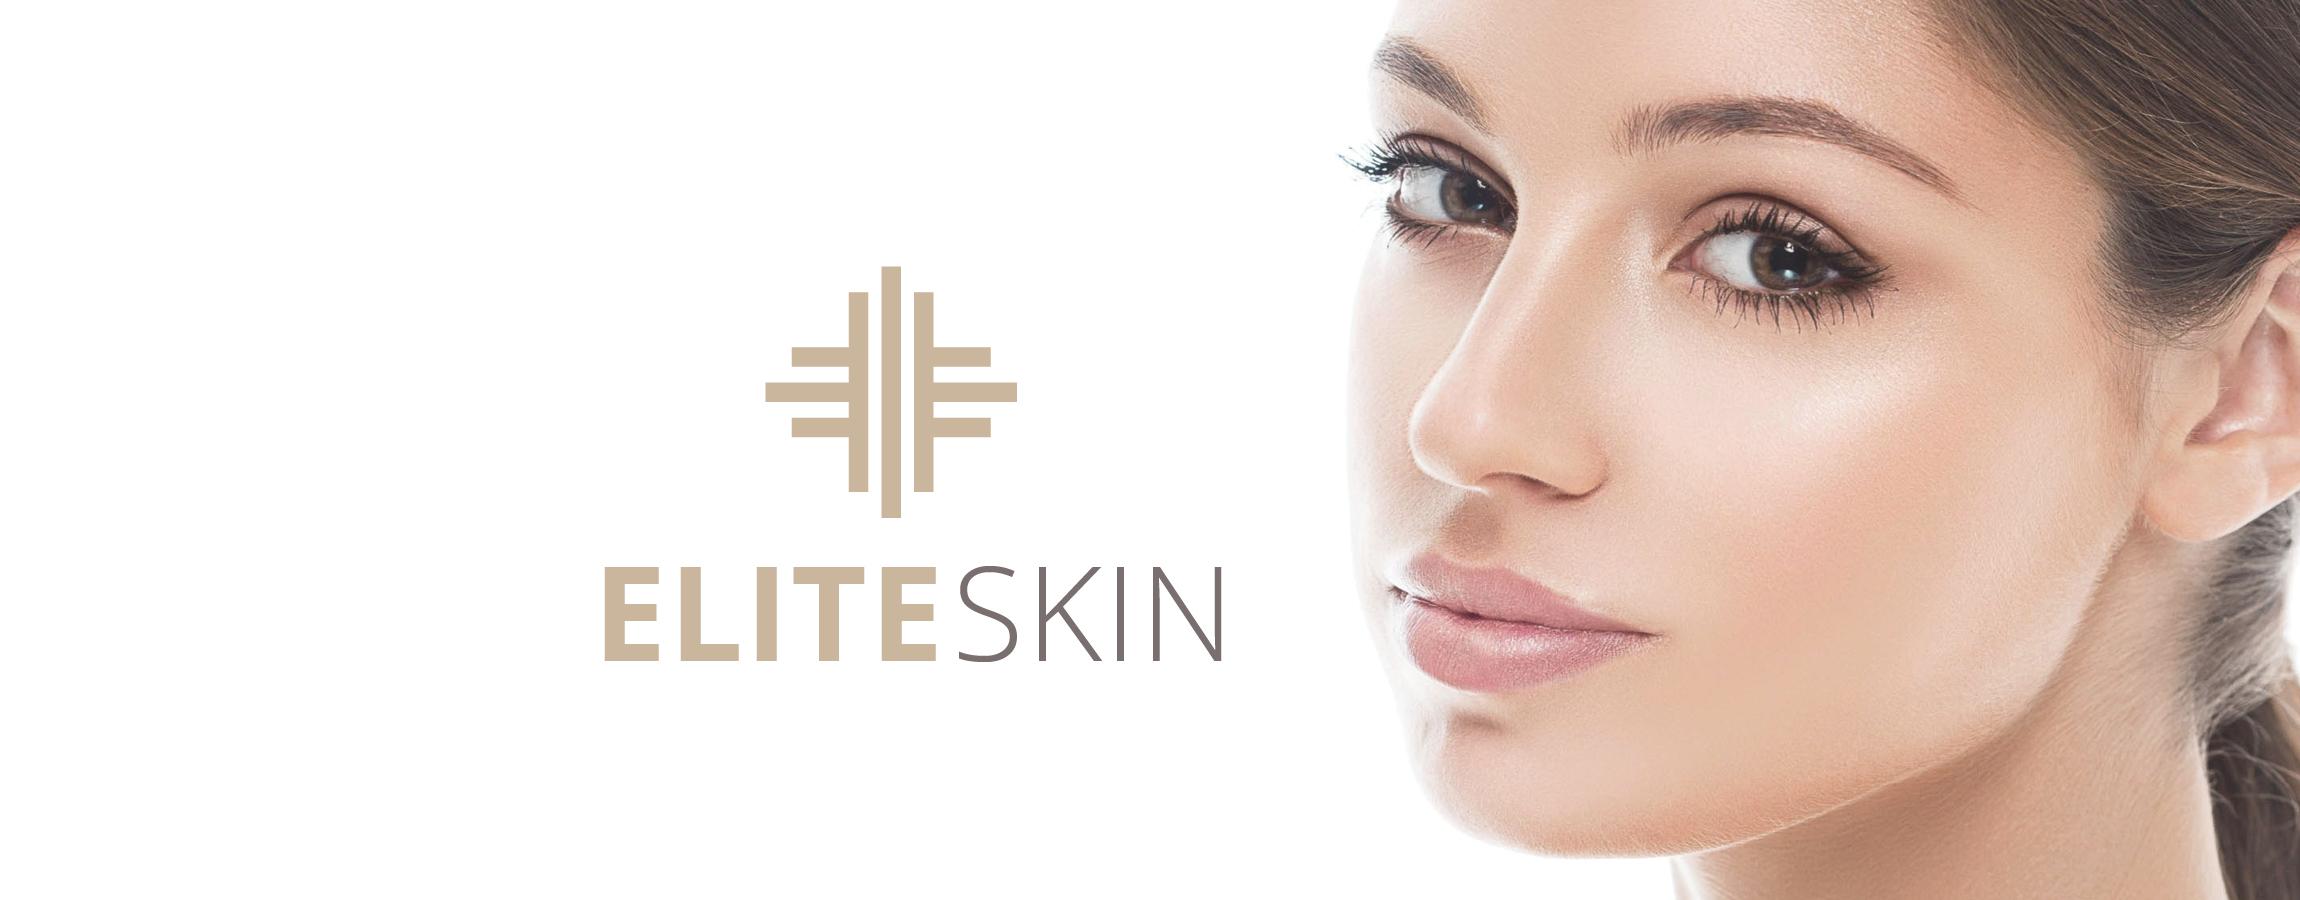 elite skin advanced cosmetic treatments